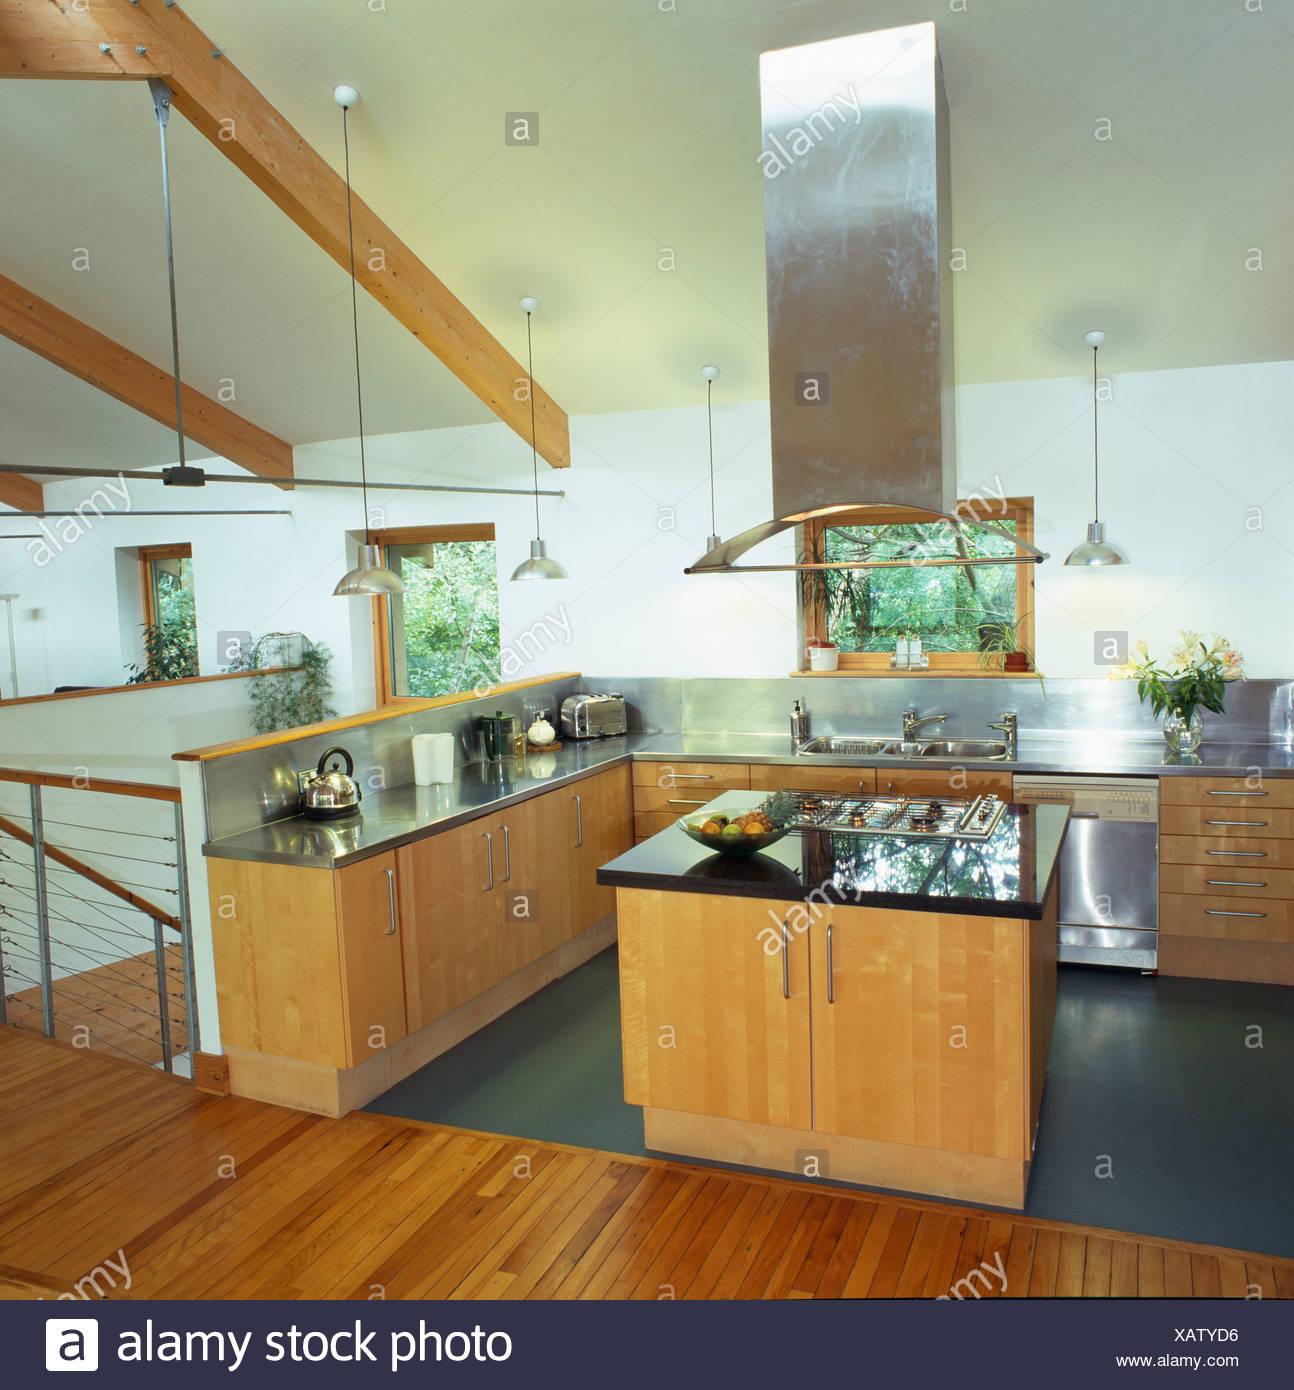 Bonito Muebles De Cocina Se Encarga De Toronto Bandera - Ideas de ...